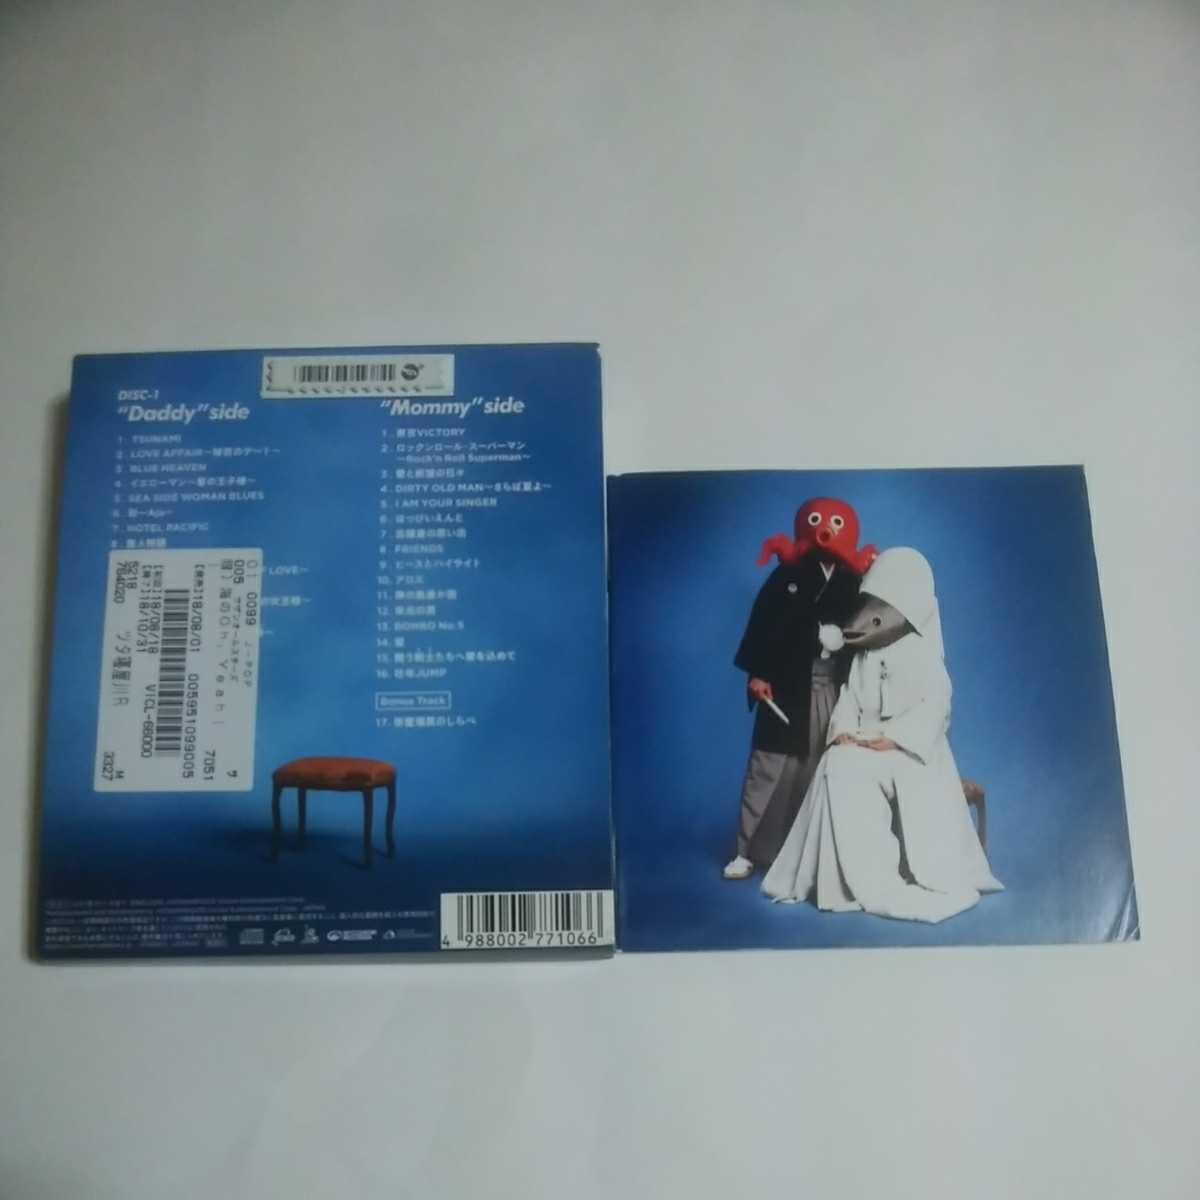 サザンオールスターズ 海の Oh,YEAH 完全生産限定盤 アルバム CD 2枚組 即決価格 33曲収録 サザン_画像3